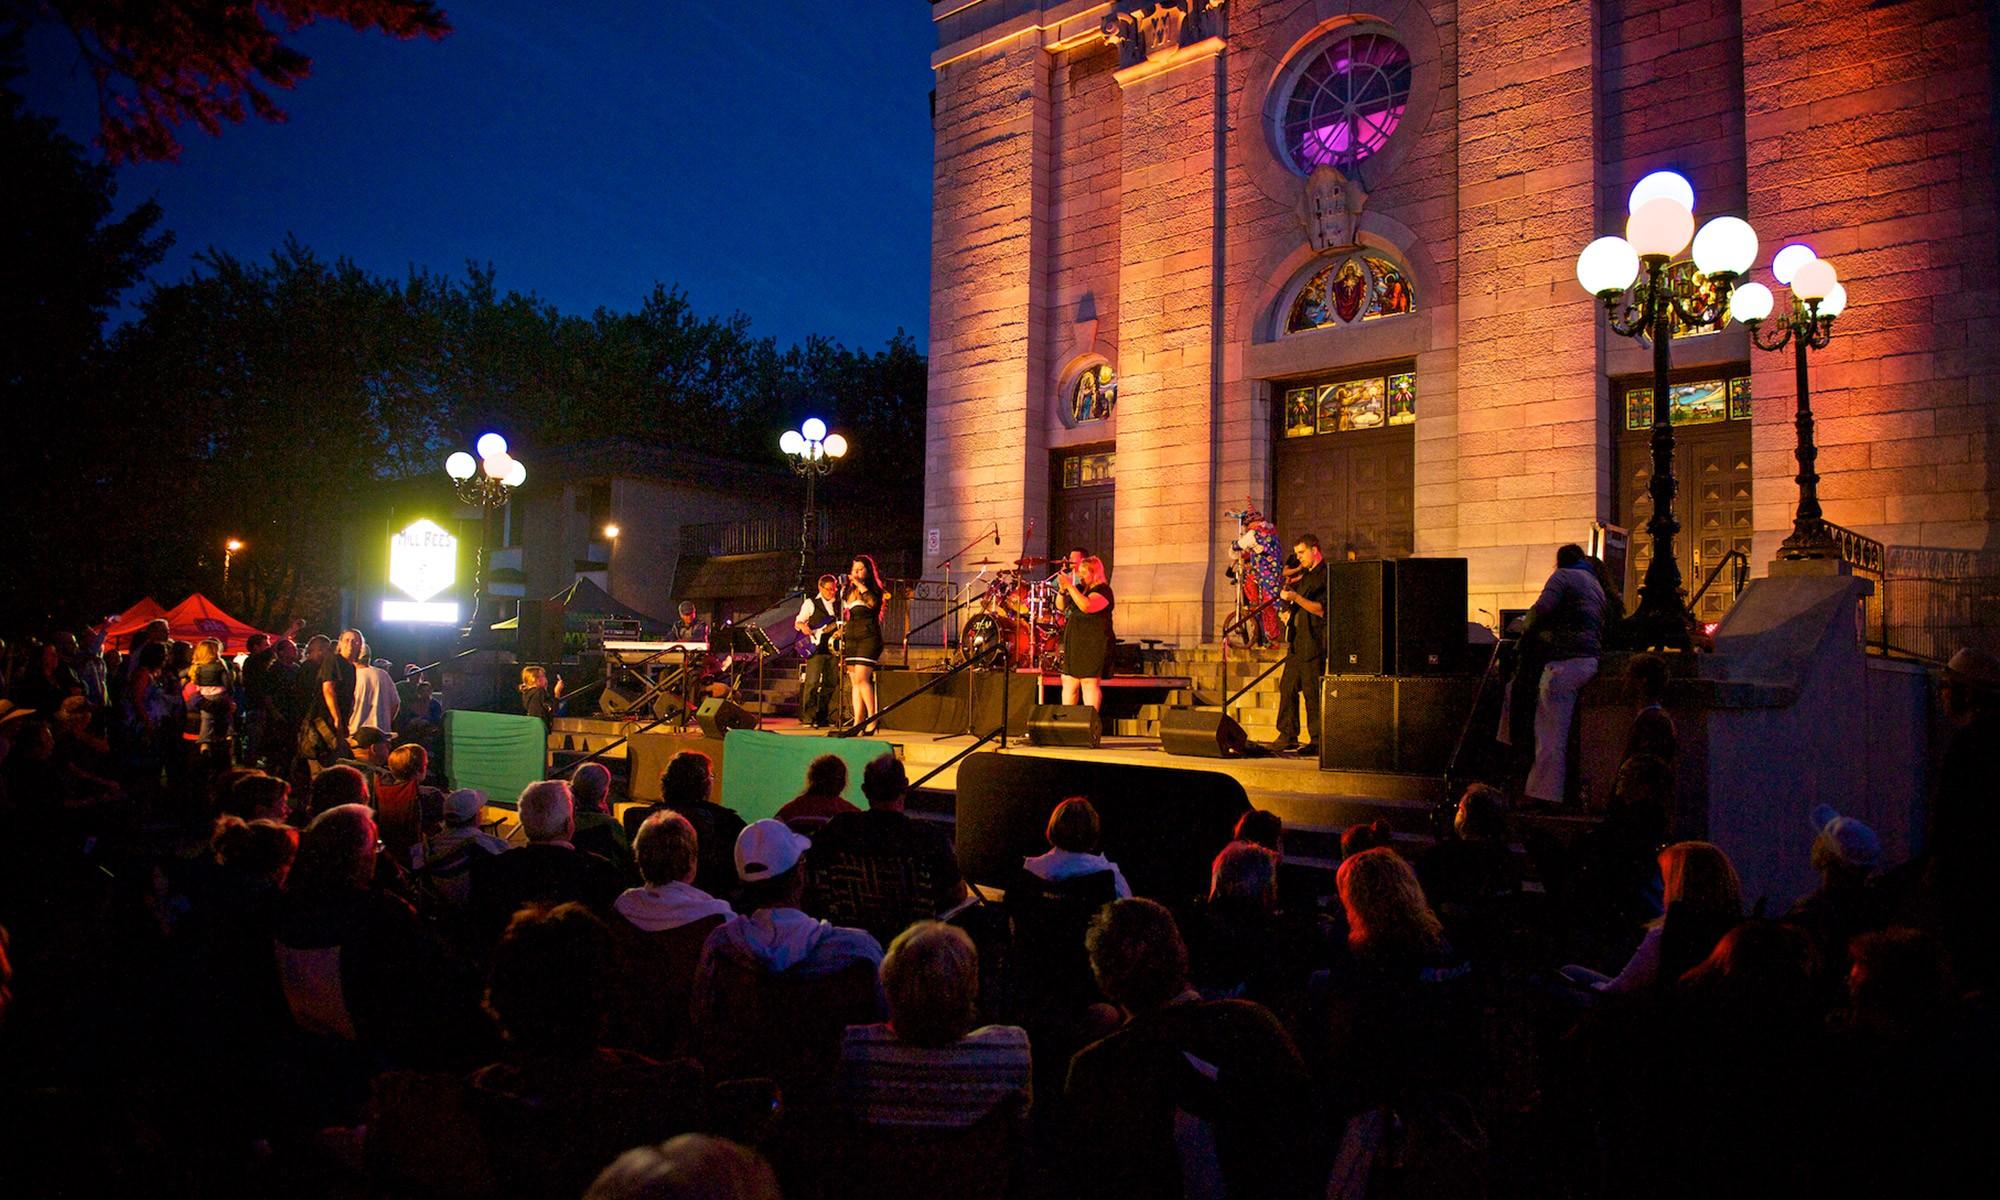 La ville est aussi l'hôte de plusieurs festivals, entre autres ceux de la chanson (international) et des voitures anciennes ainsi que des événements sportifs (tennis et soccer).